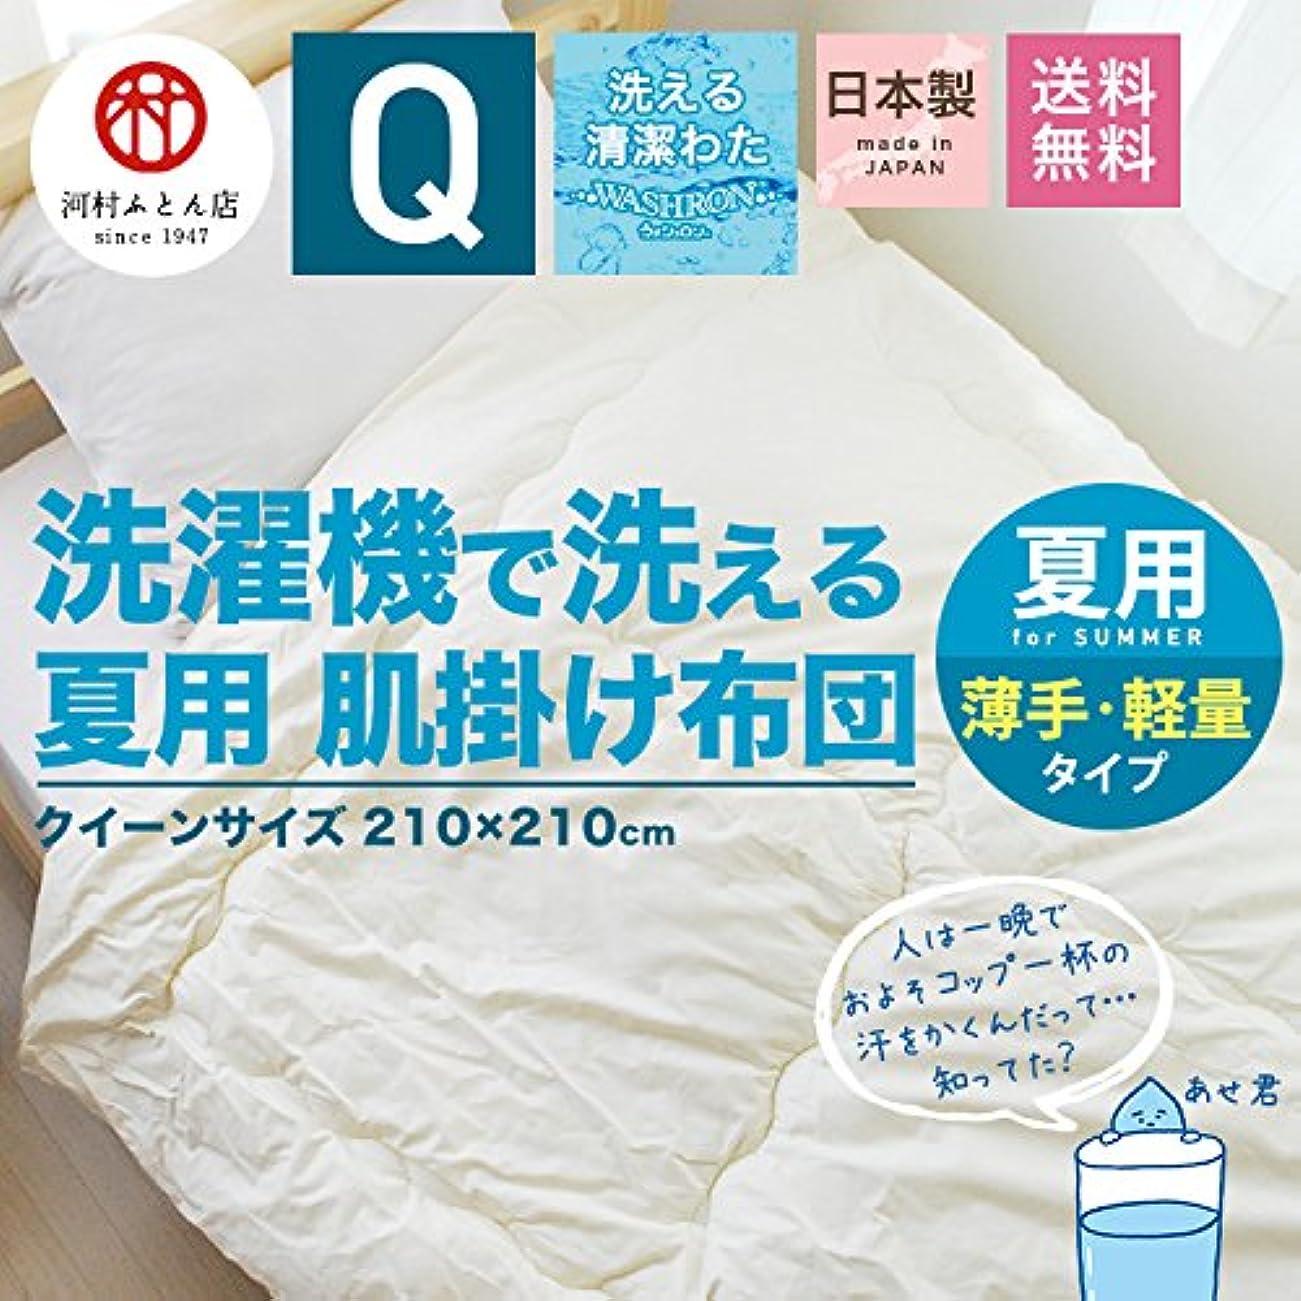 無限アーティファクトプロット洗える肌掛け布団 クイーンサイズ 夏布団 春夏用 朝晩冷える時 安心安全の国産 日本製 綿100% で吸湿性抜群 洗濯機で丸洗い可能 0.8